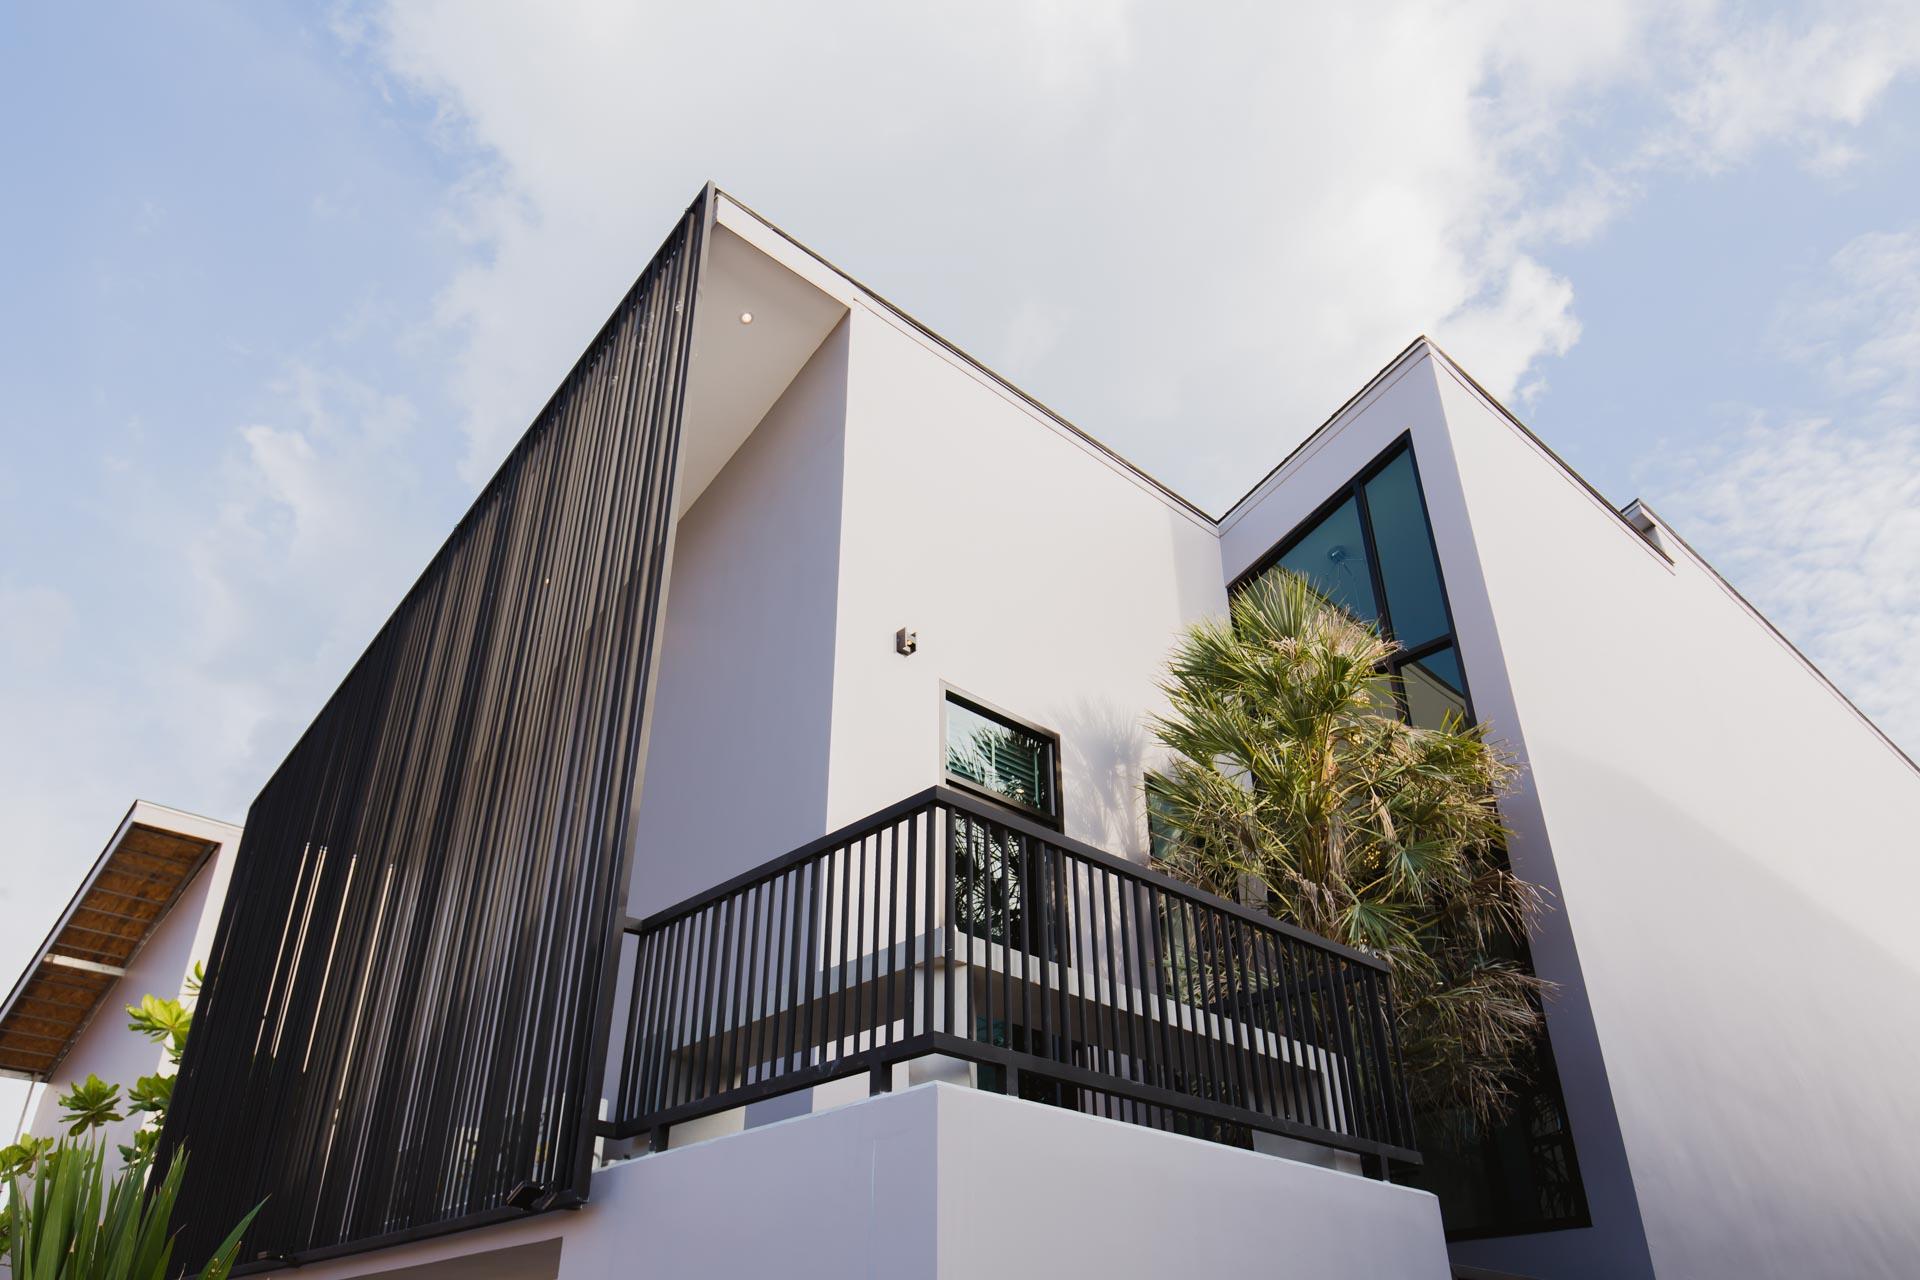 Exterior : Harmony (Phase 2&3) by Wallaya villas